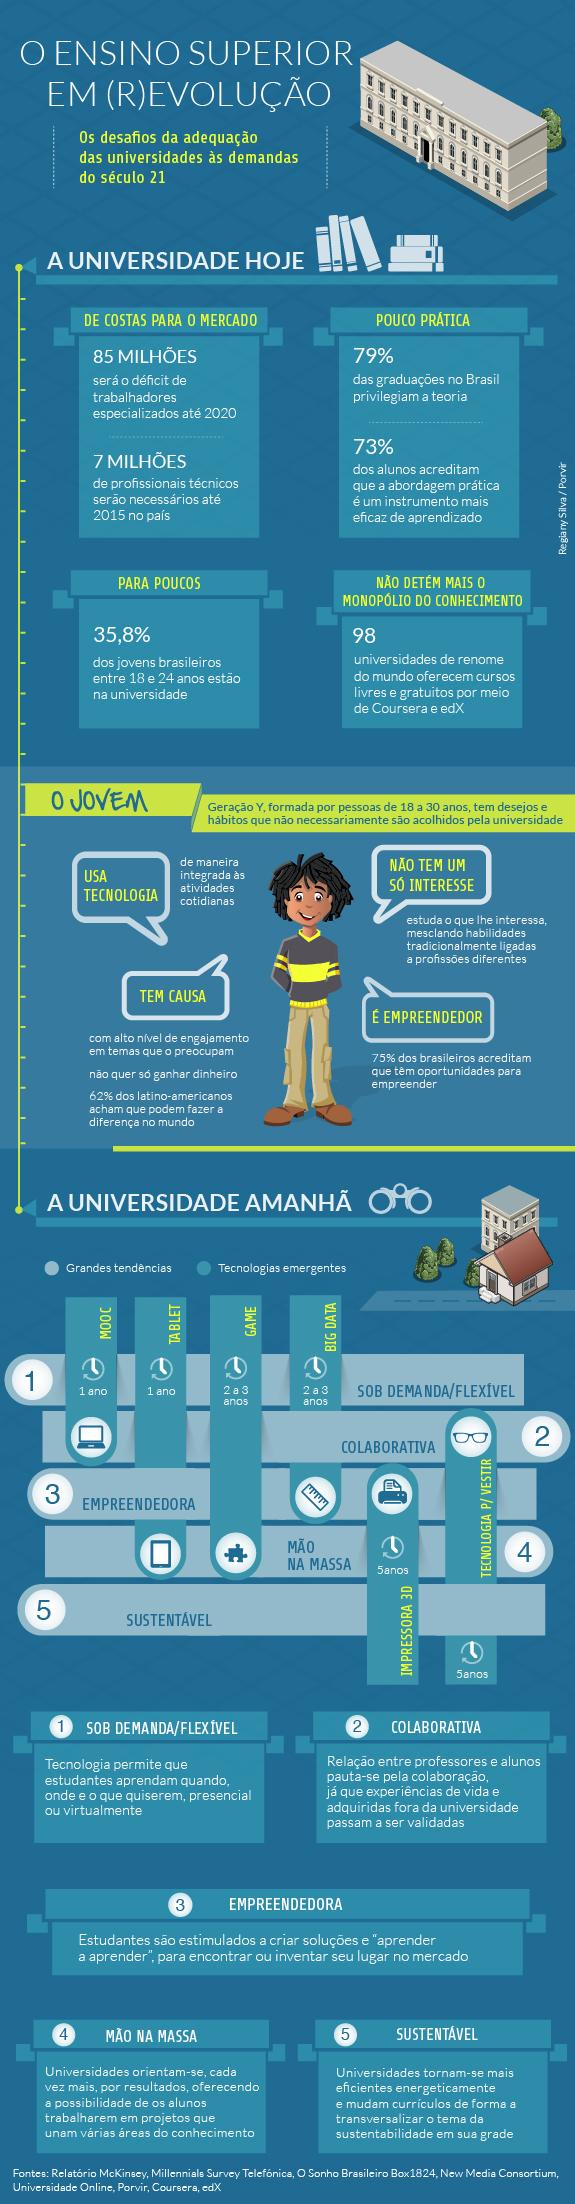 Universidades do amanhã brasileiras (Foto: Exame)